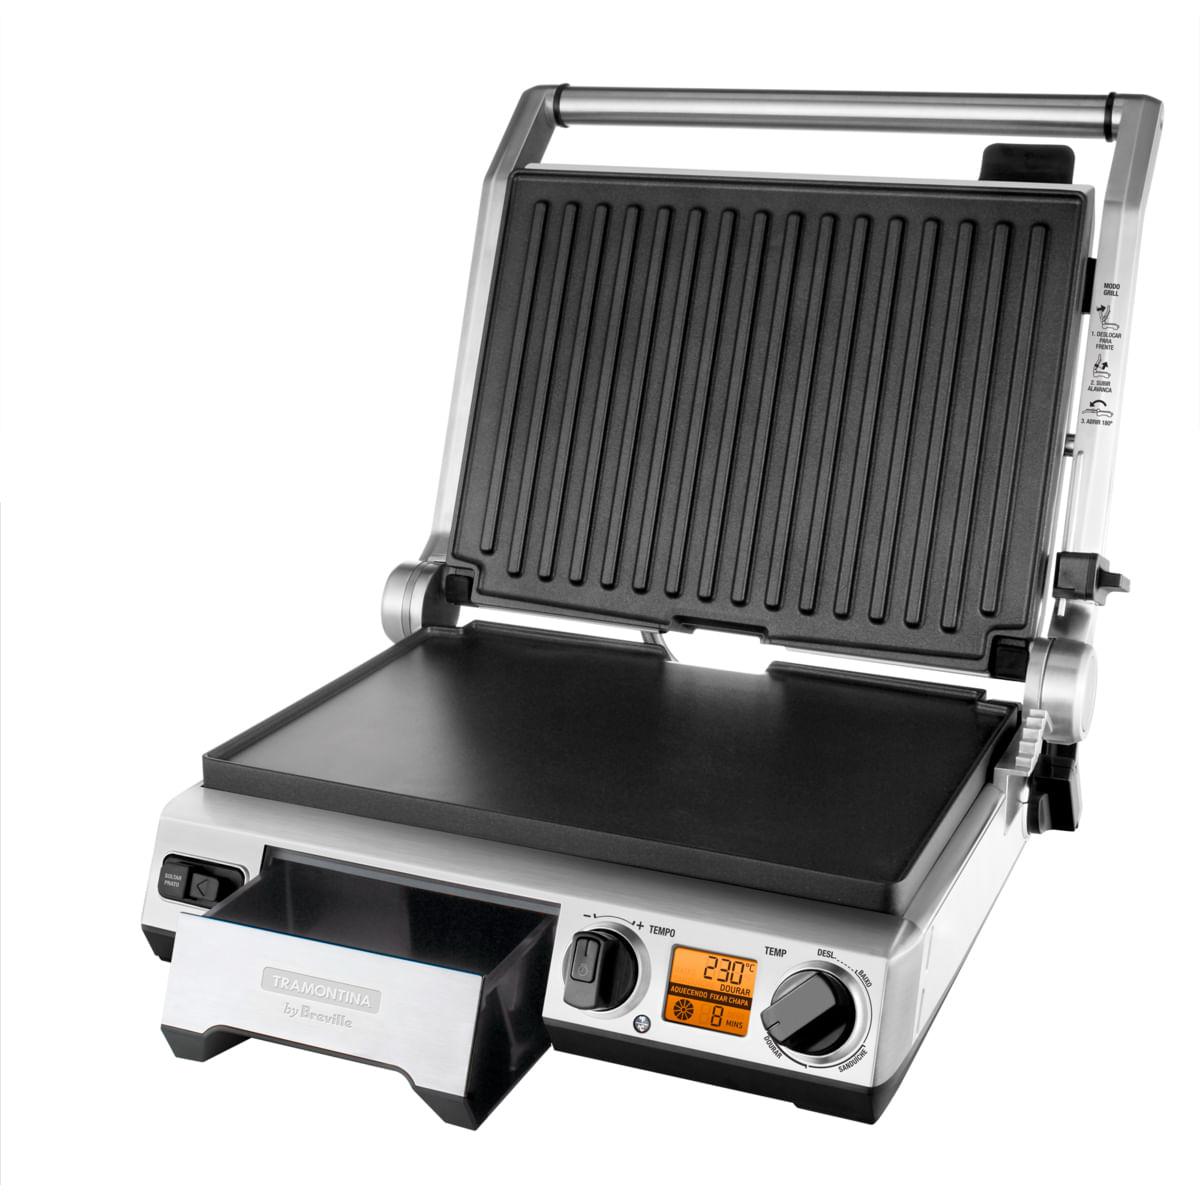 Grill Elétrico Tramontina by Breville Smart em Aço Inox com Display LCD 127 V